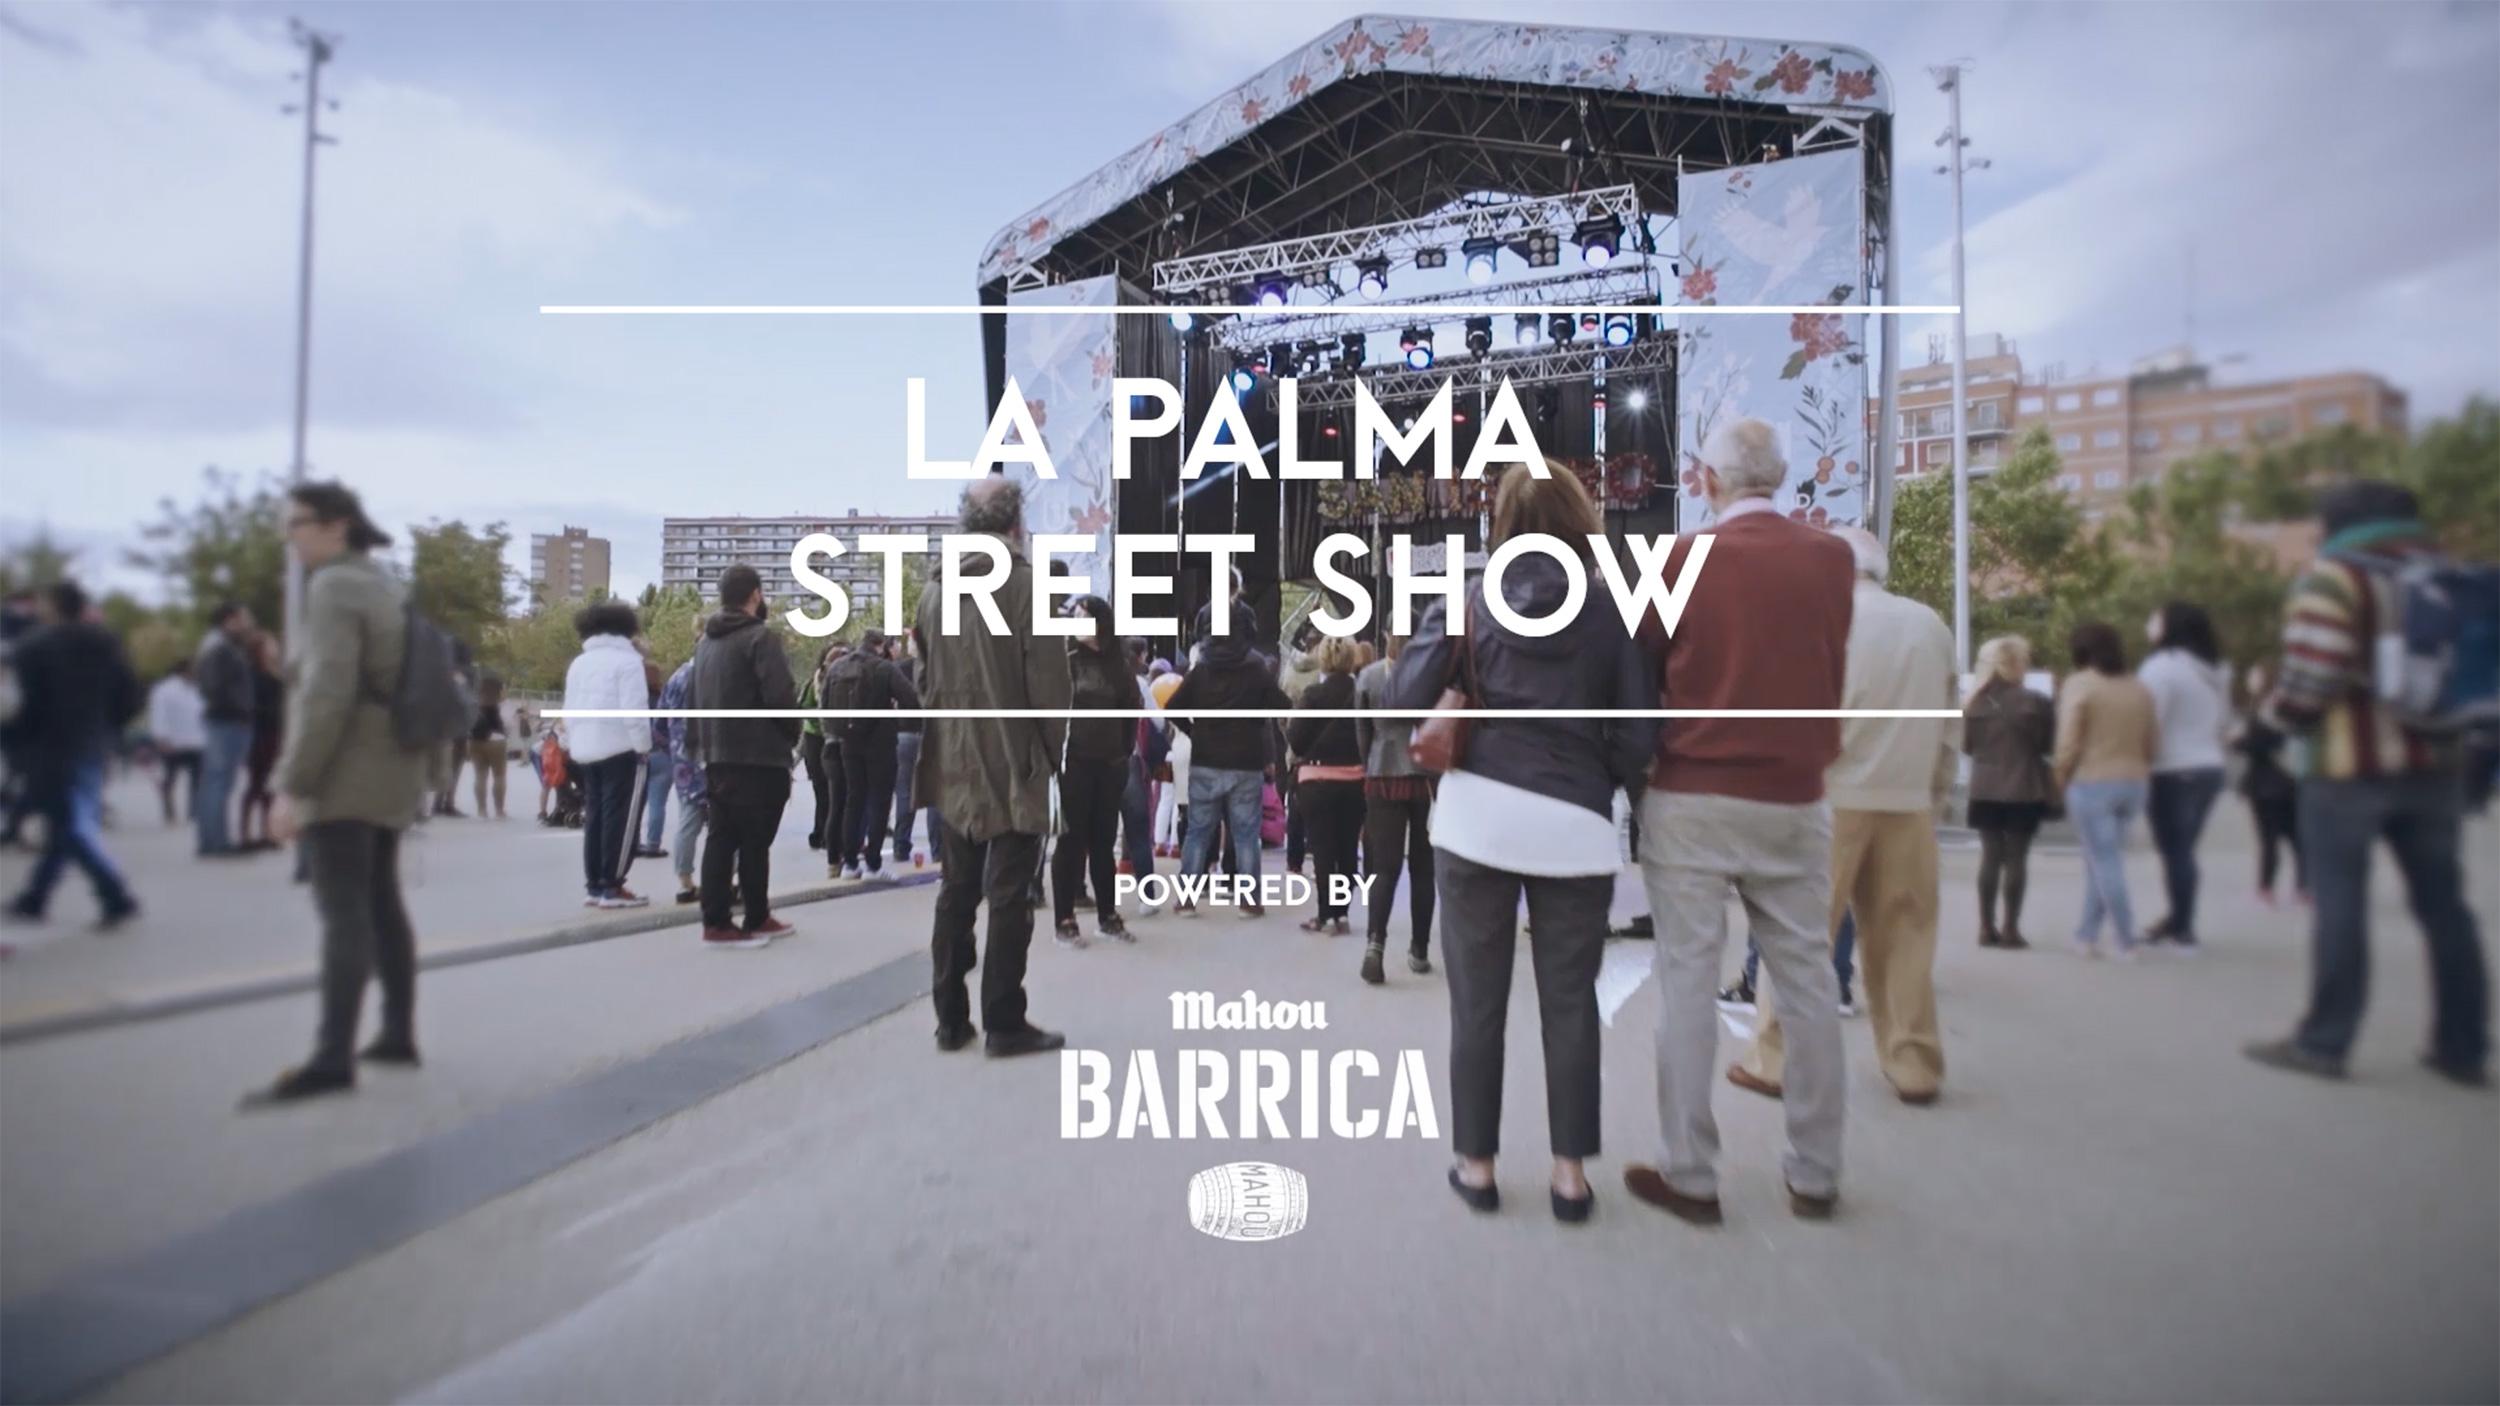 la palma street show - mahou